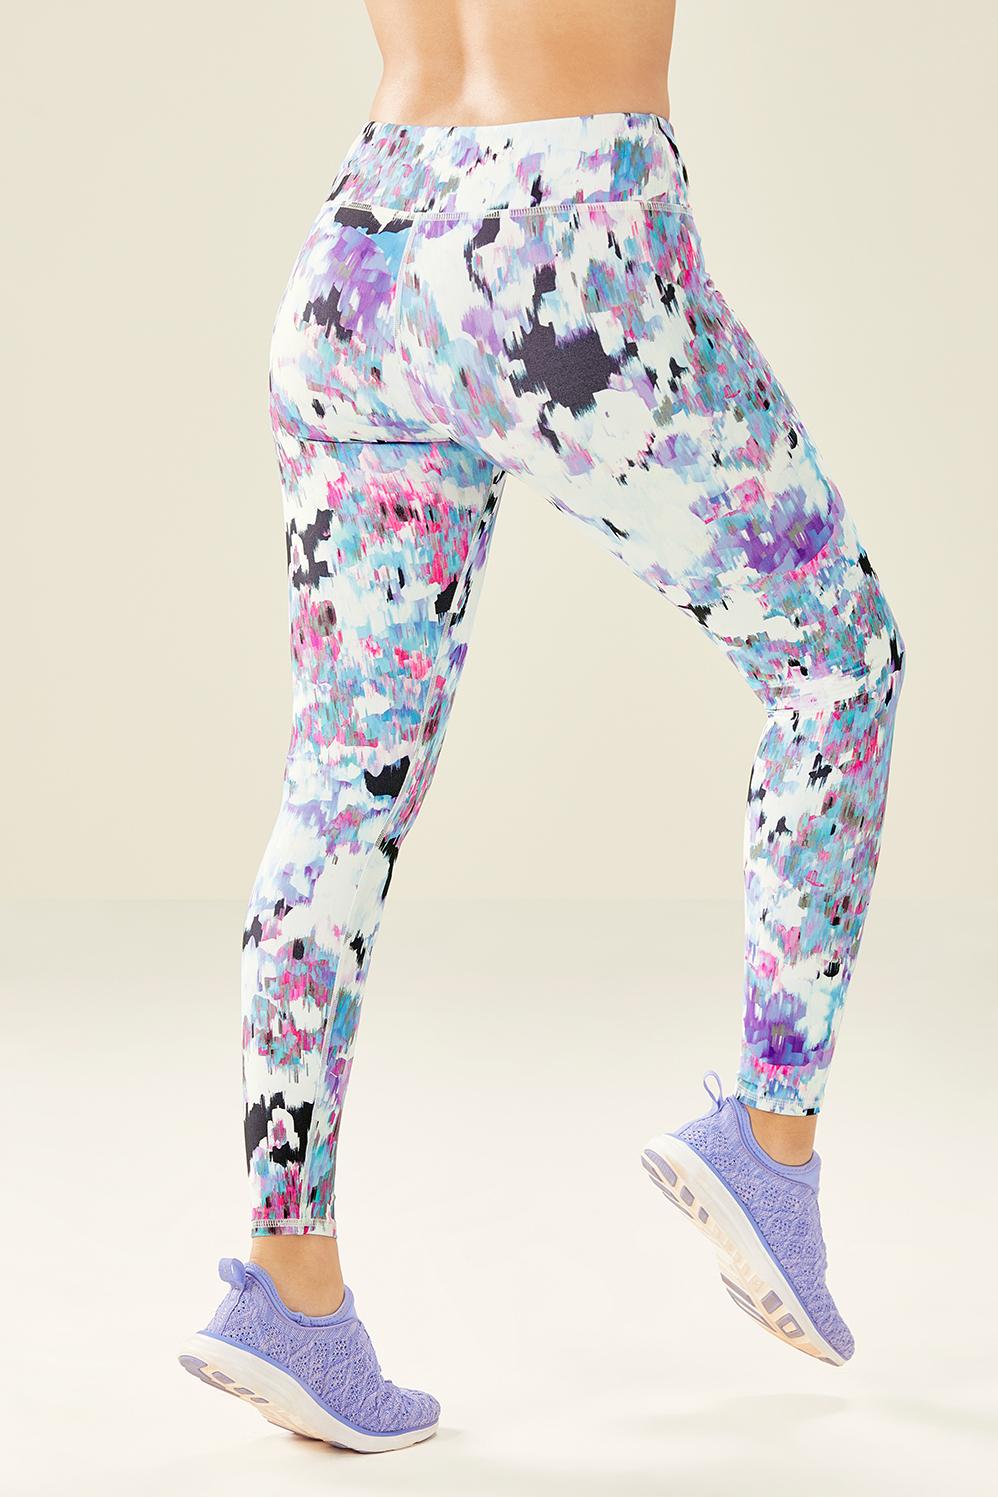 Yoga Pants - Fabletics Saler Leggings